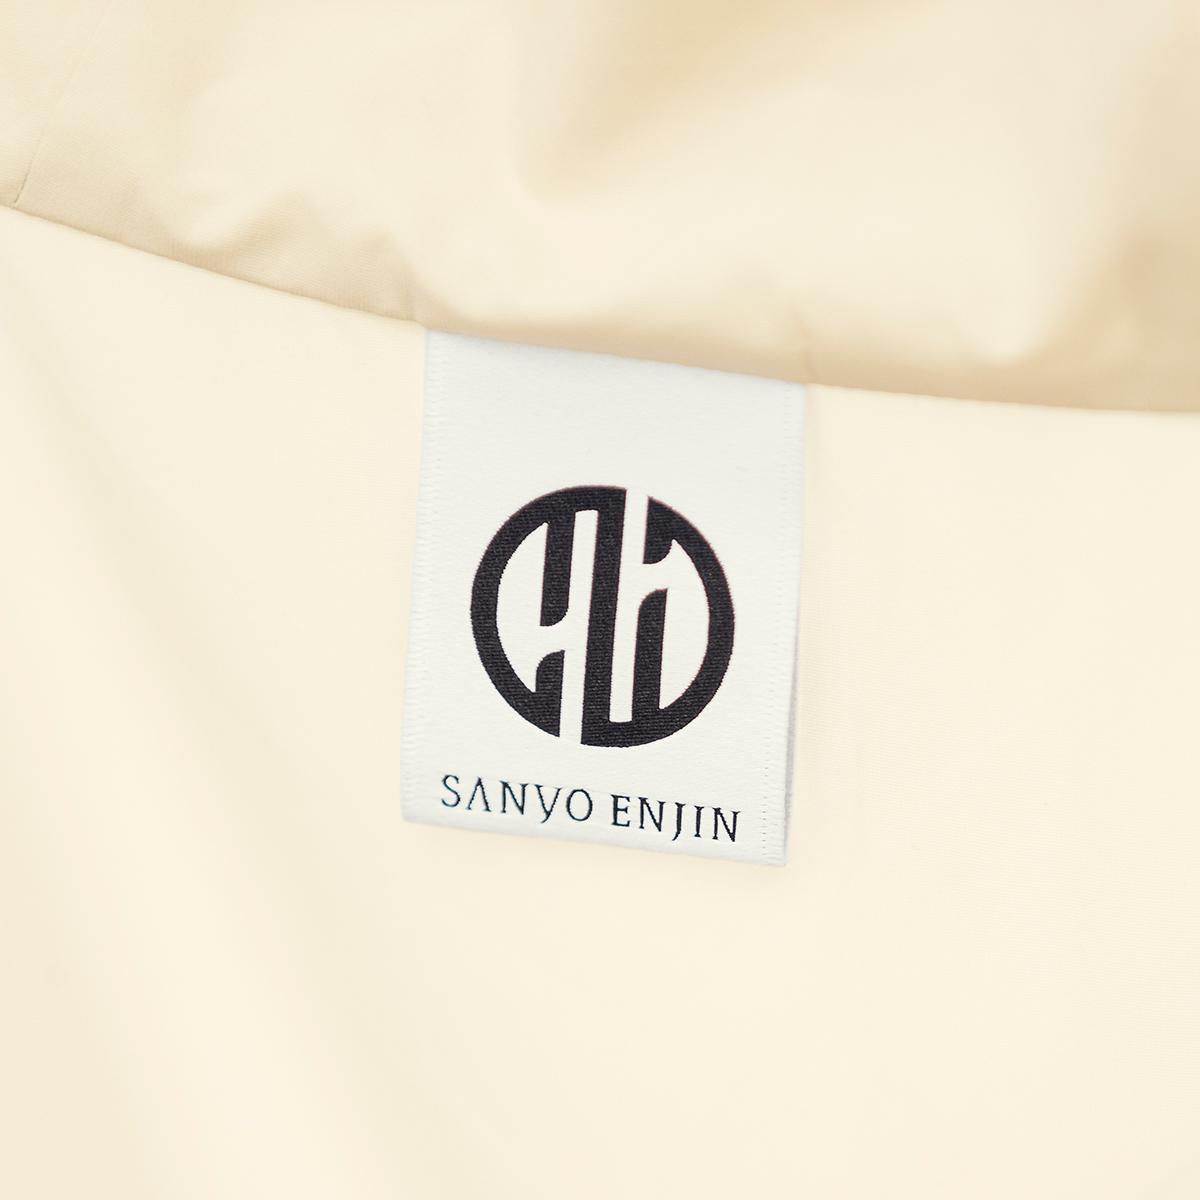 「あったらいいな」を技術で具現化。創業76年のアパレルメーカー『三陽商会』技術部による、プロジェクトから生まれたブランド『SANYO ENJIN(サンヨー エンジン)』による「バッグ一体型パーカー」| SANYO ENJIN